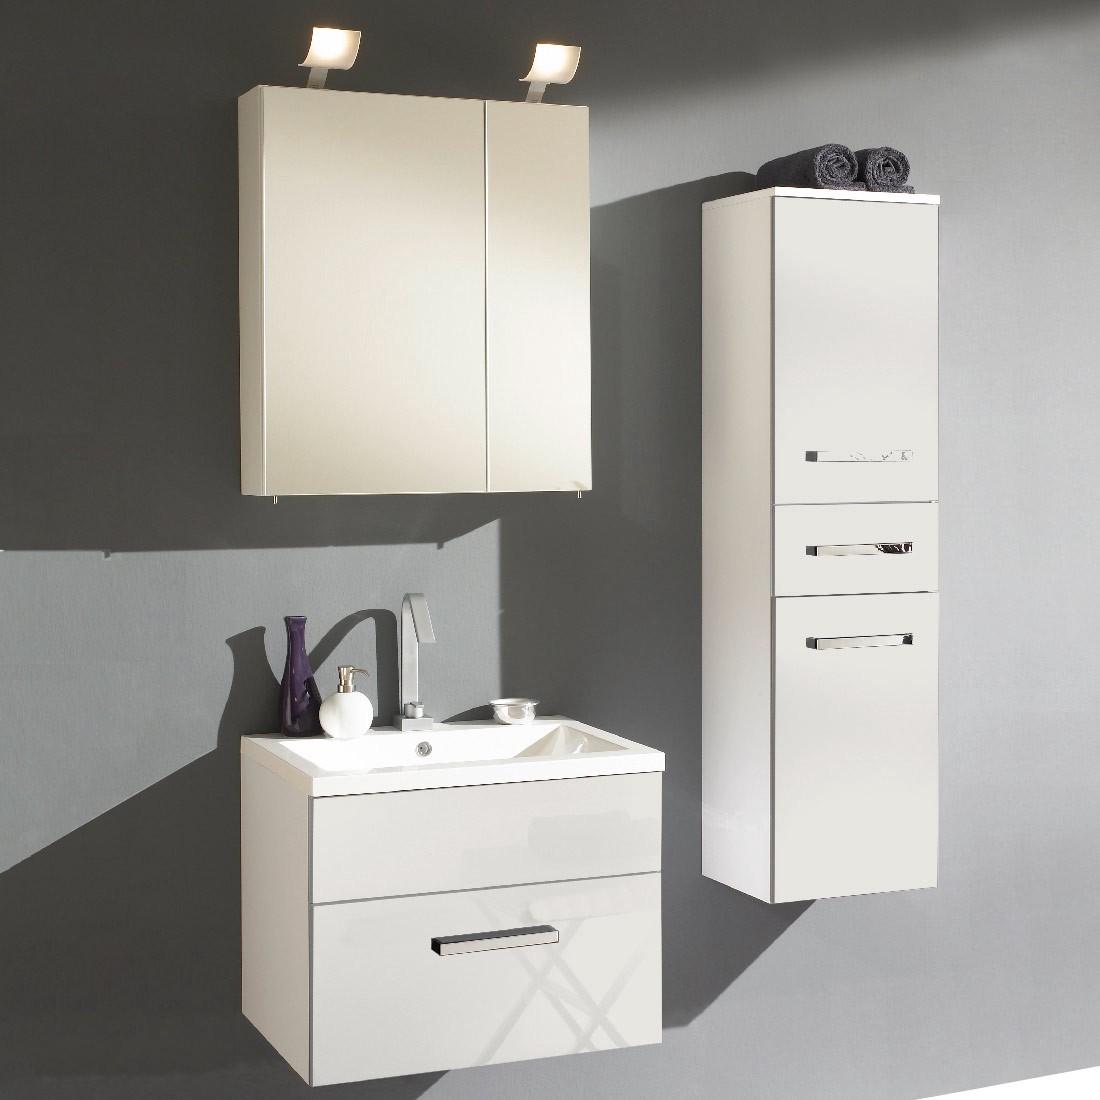 waschtisch doppelt elegant doppel mit waschbecken. Black Bedroom Furniture Sets. Home Design Ideas